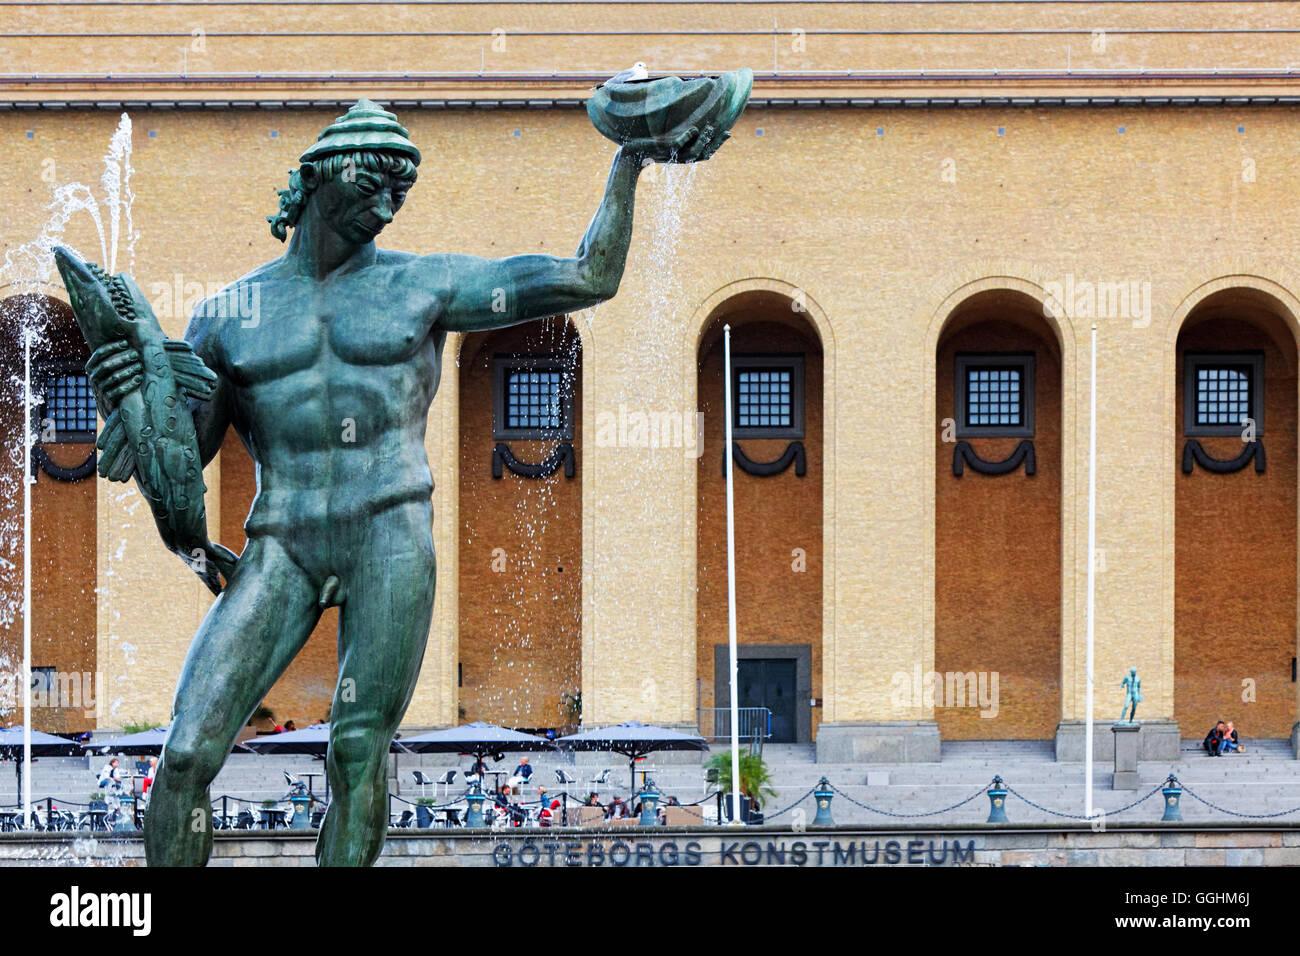 Statue de Poséidon Carl Milles devant le musée d'Art, Göteborg, Suède Photo Stock